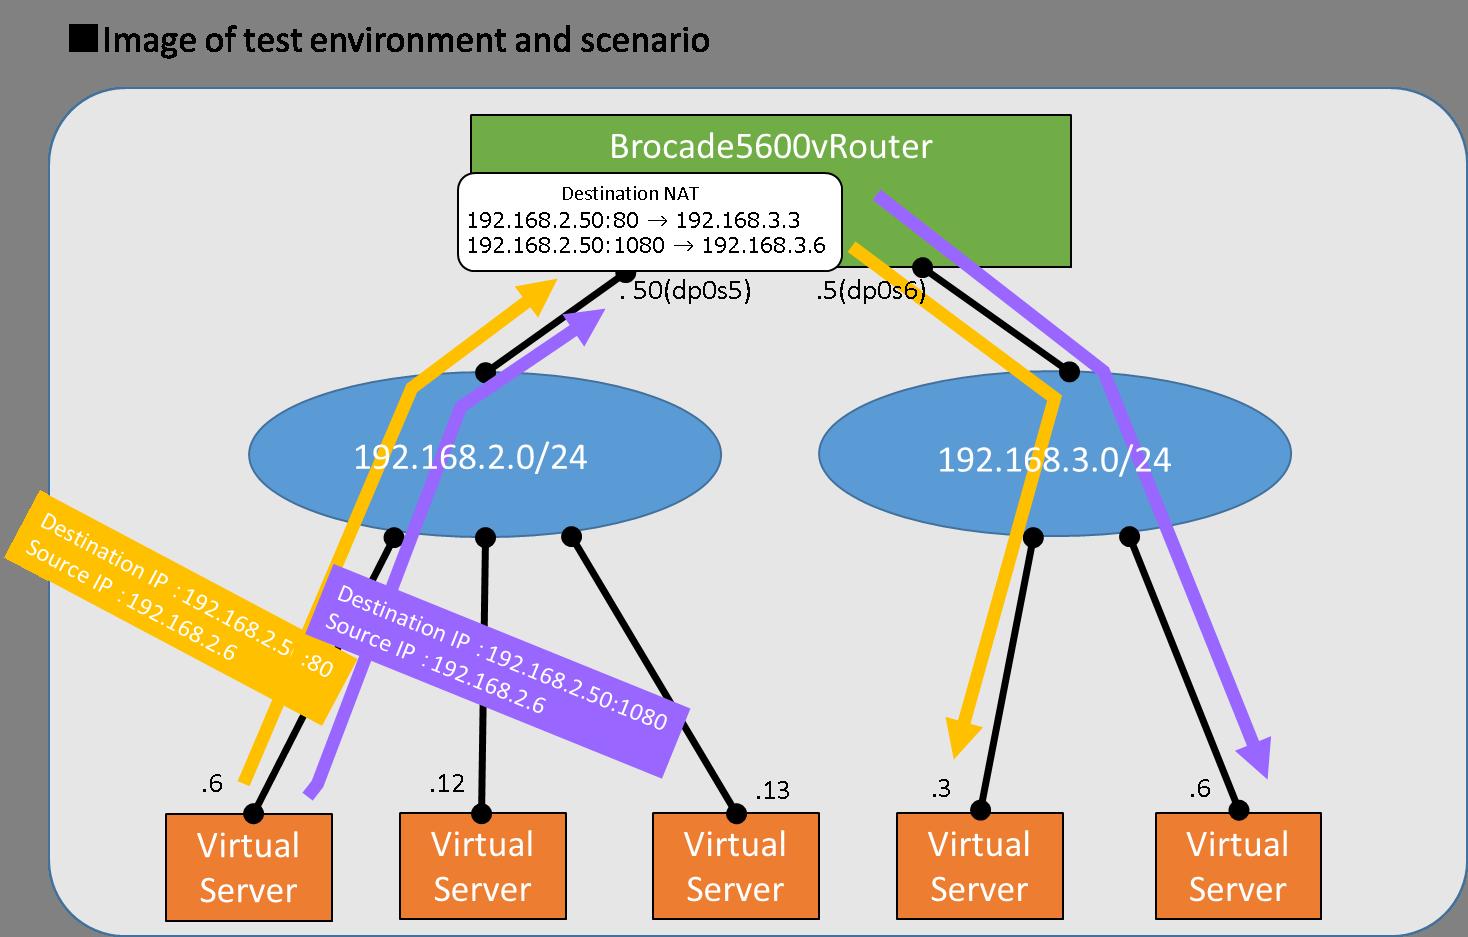 Nat Conversion Of A Destination Ip Address From A Destination Ip Address And Port Number Enterprise Cloud Knowledge Centerenterprise Cloud 2 0 Tutorial 2 4 0 Documentation